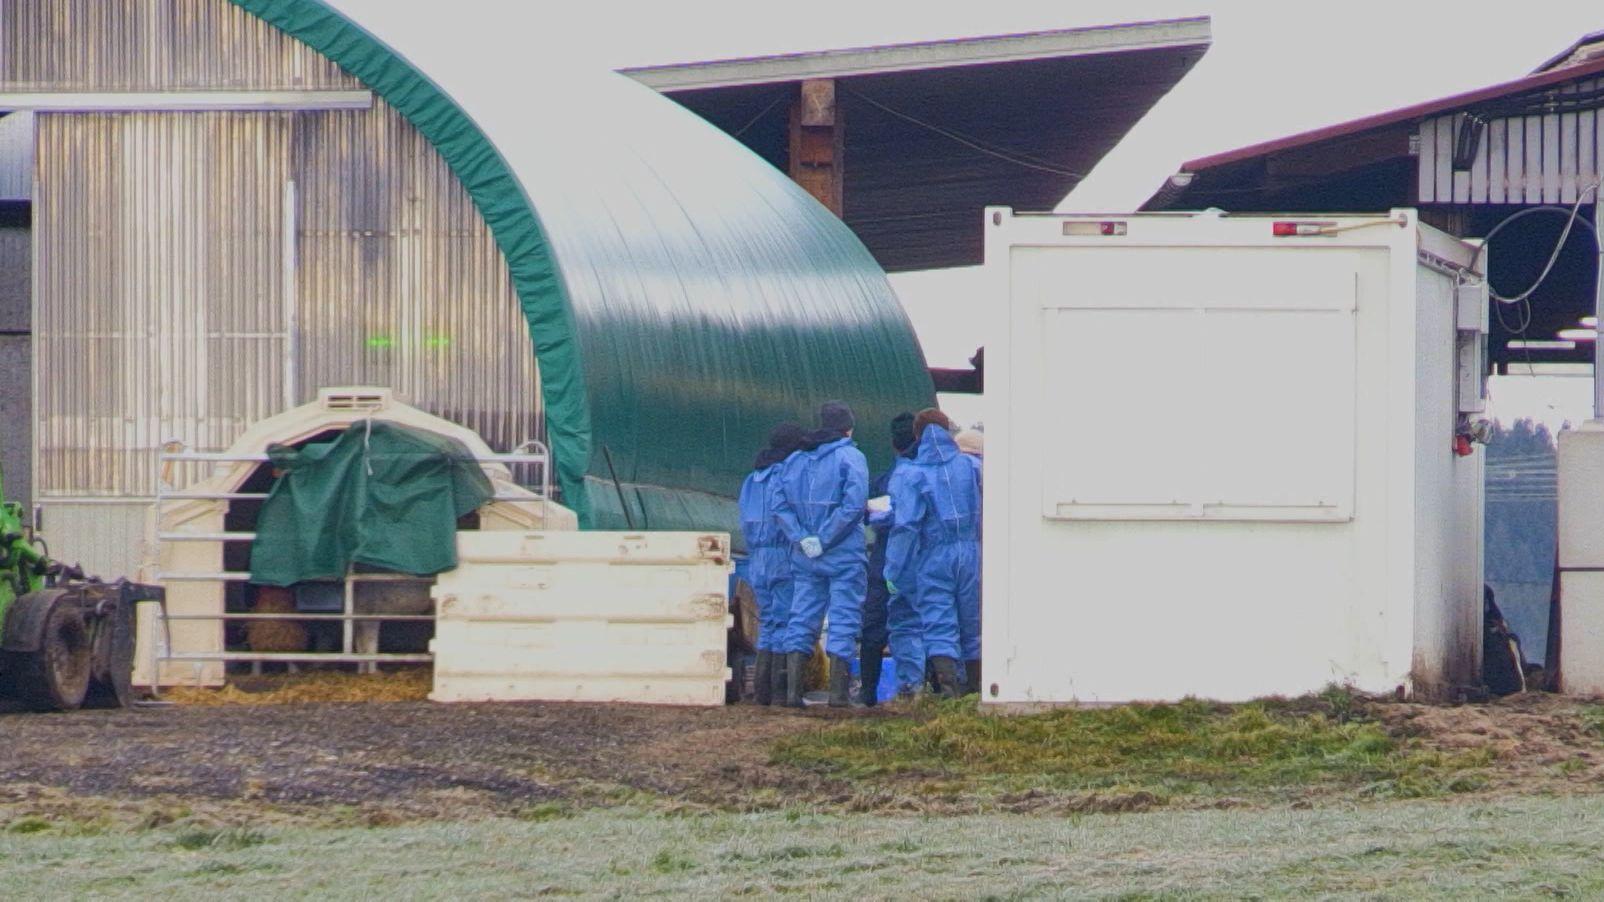 Tierschutzkontrolle in einem Rinderbetrieb in Dietmannsried